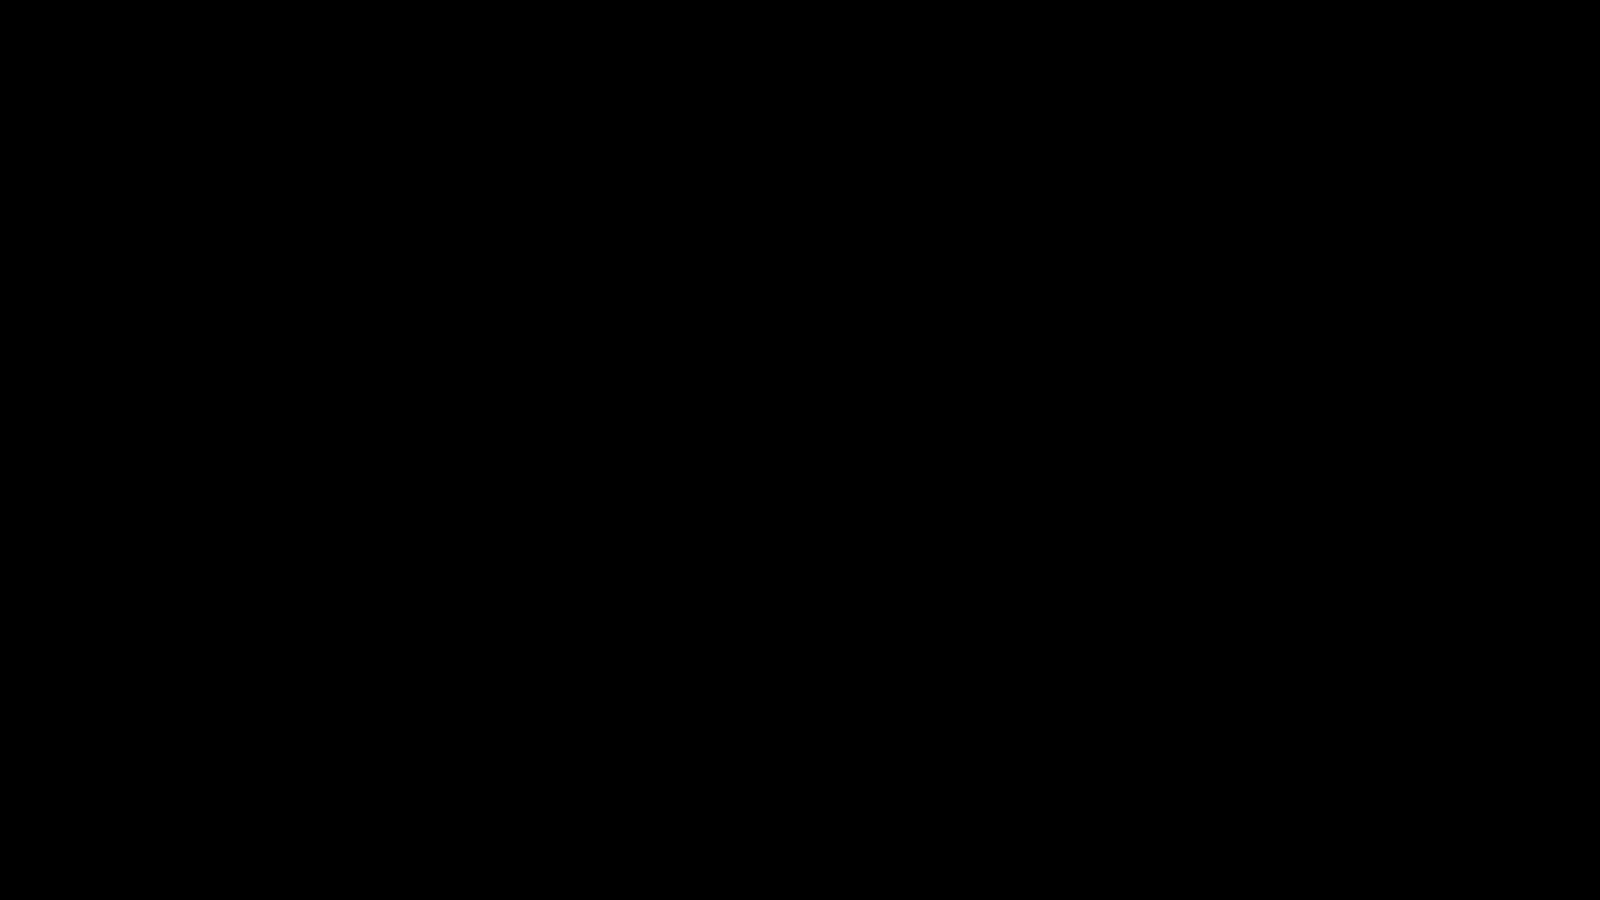 Borrão de tinta 11_fundo preto png